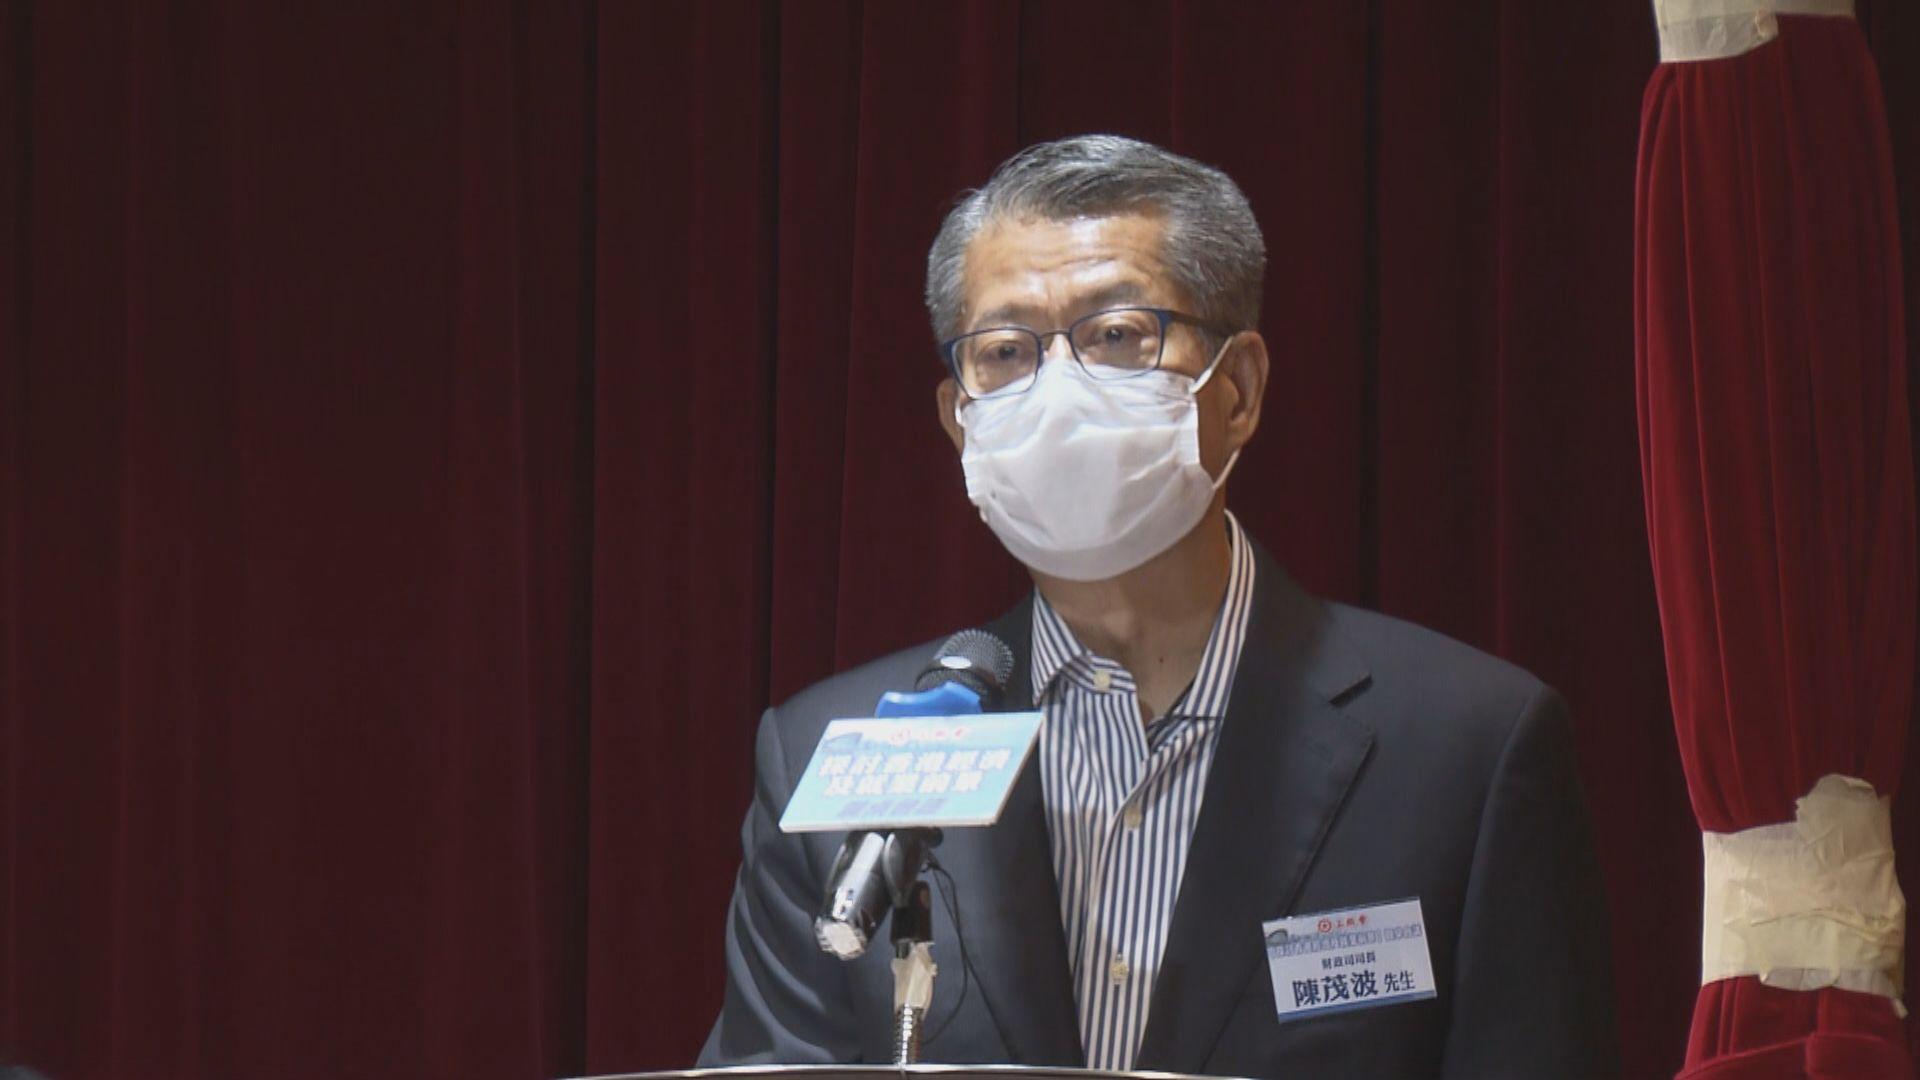 陳茂波:外國就港區國安法制裁 為本地經濟短期帶來不明朗因素